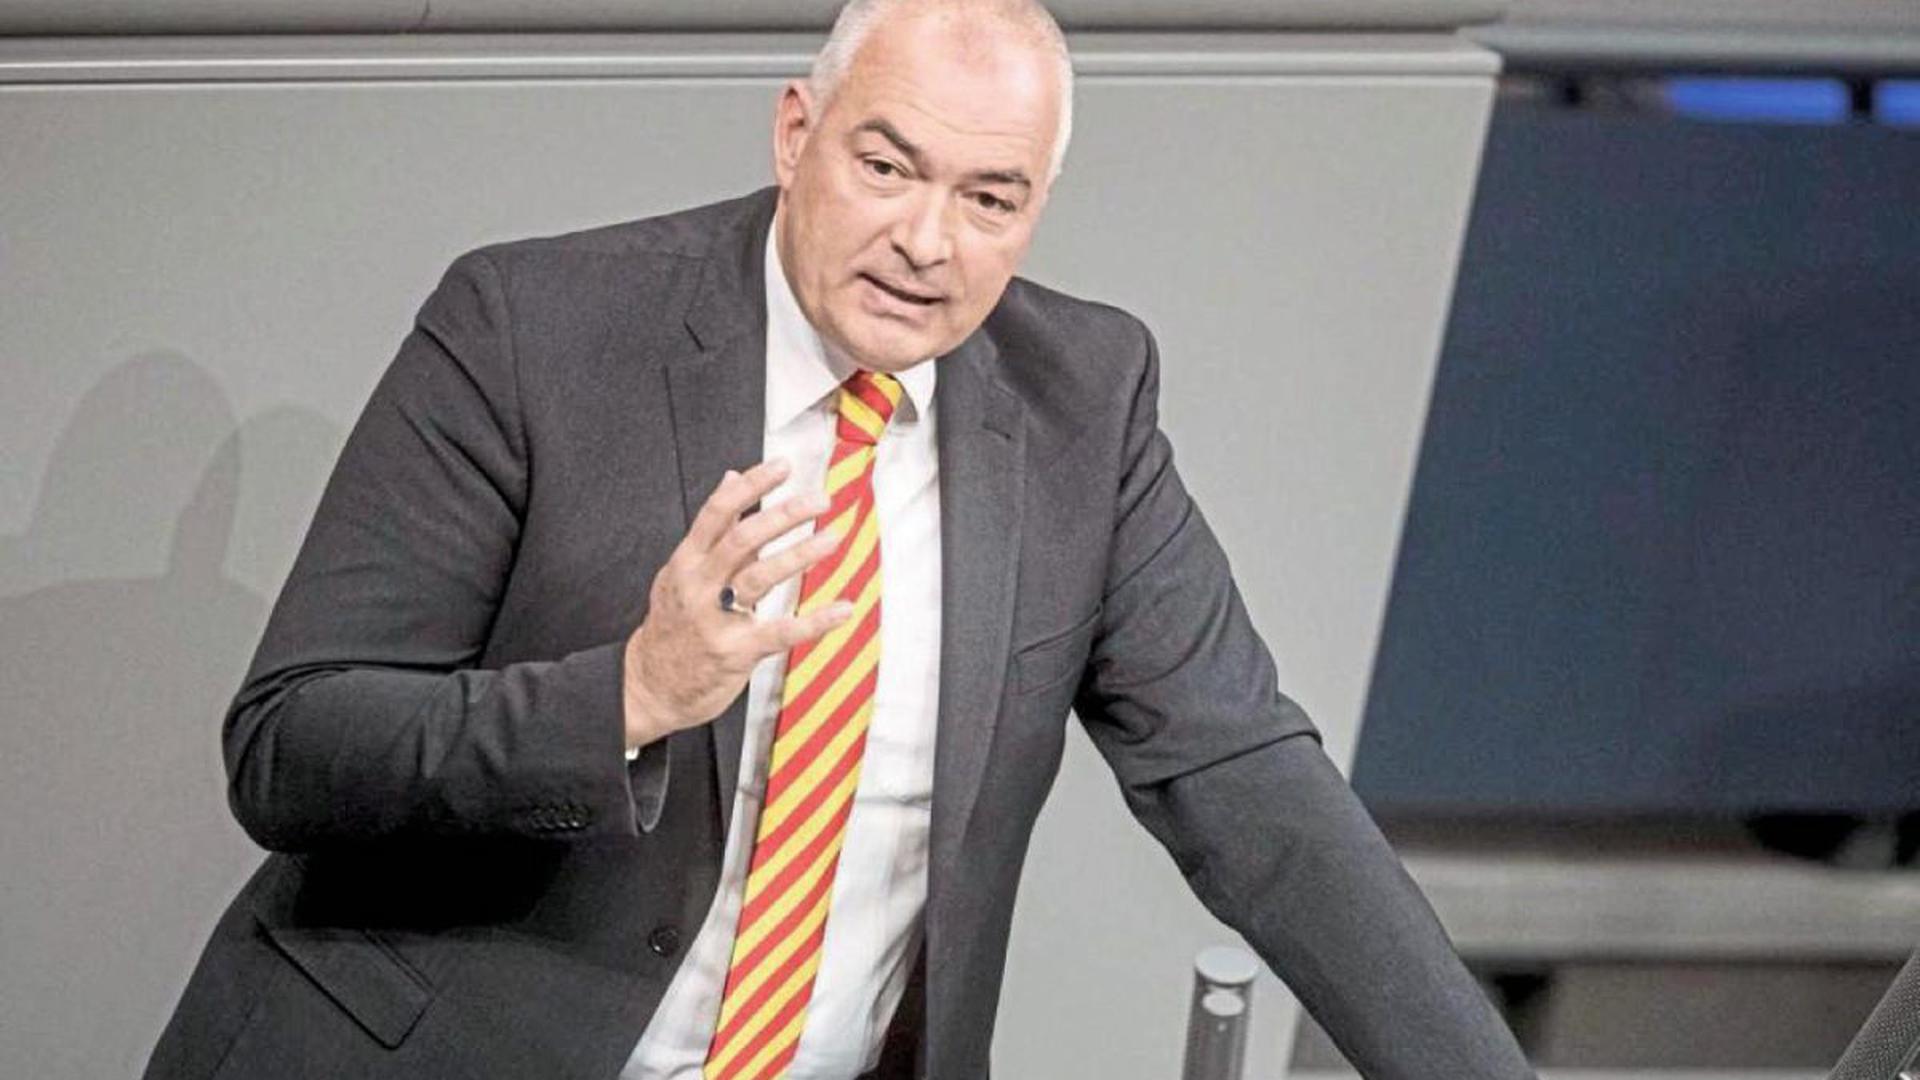 """Ein Signal des Aufbruchs erhofft sich der CDU-Bundestagsabgeordnete Axel E. Fischer vom Bundesparteitag in Leipzig. Der """"Inhaltslosigkeit"""" müssten """"klare Positionen"""" entgegengesetzt werden"""